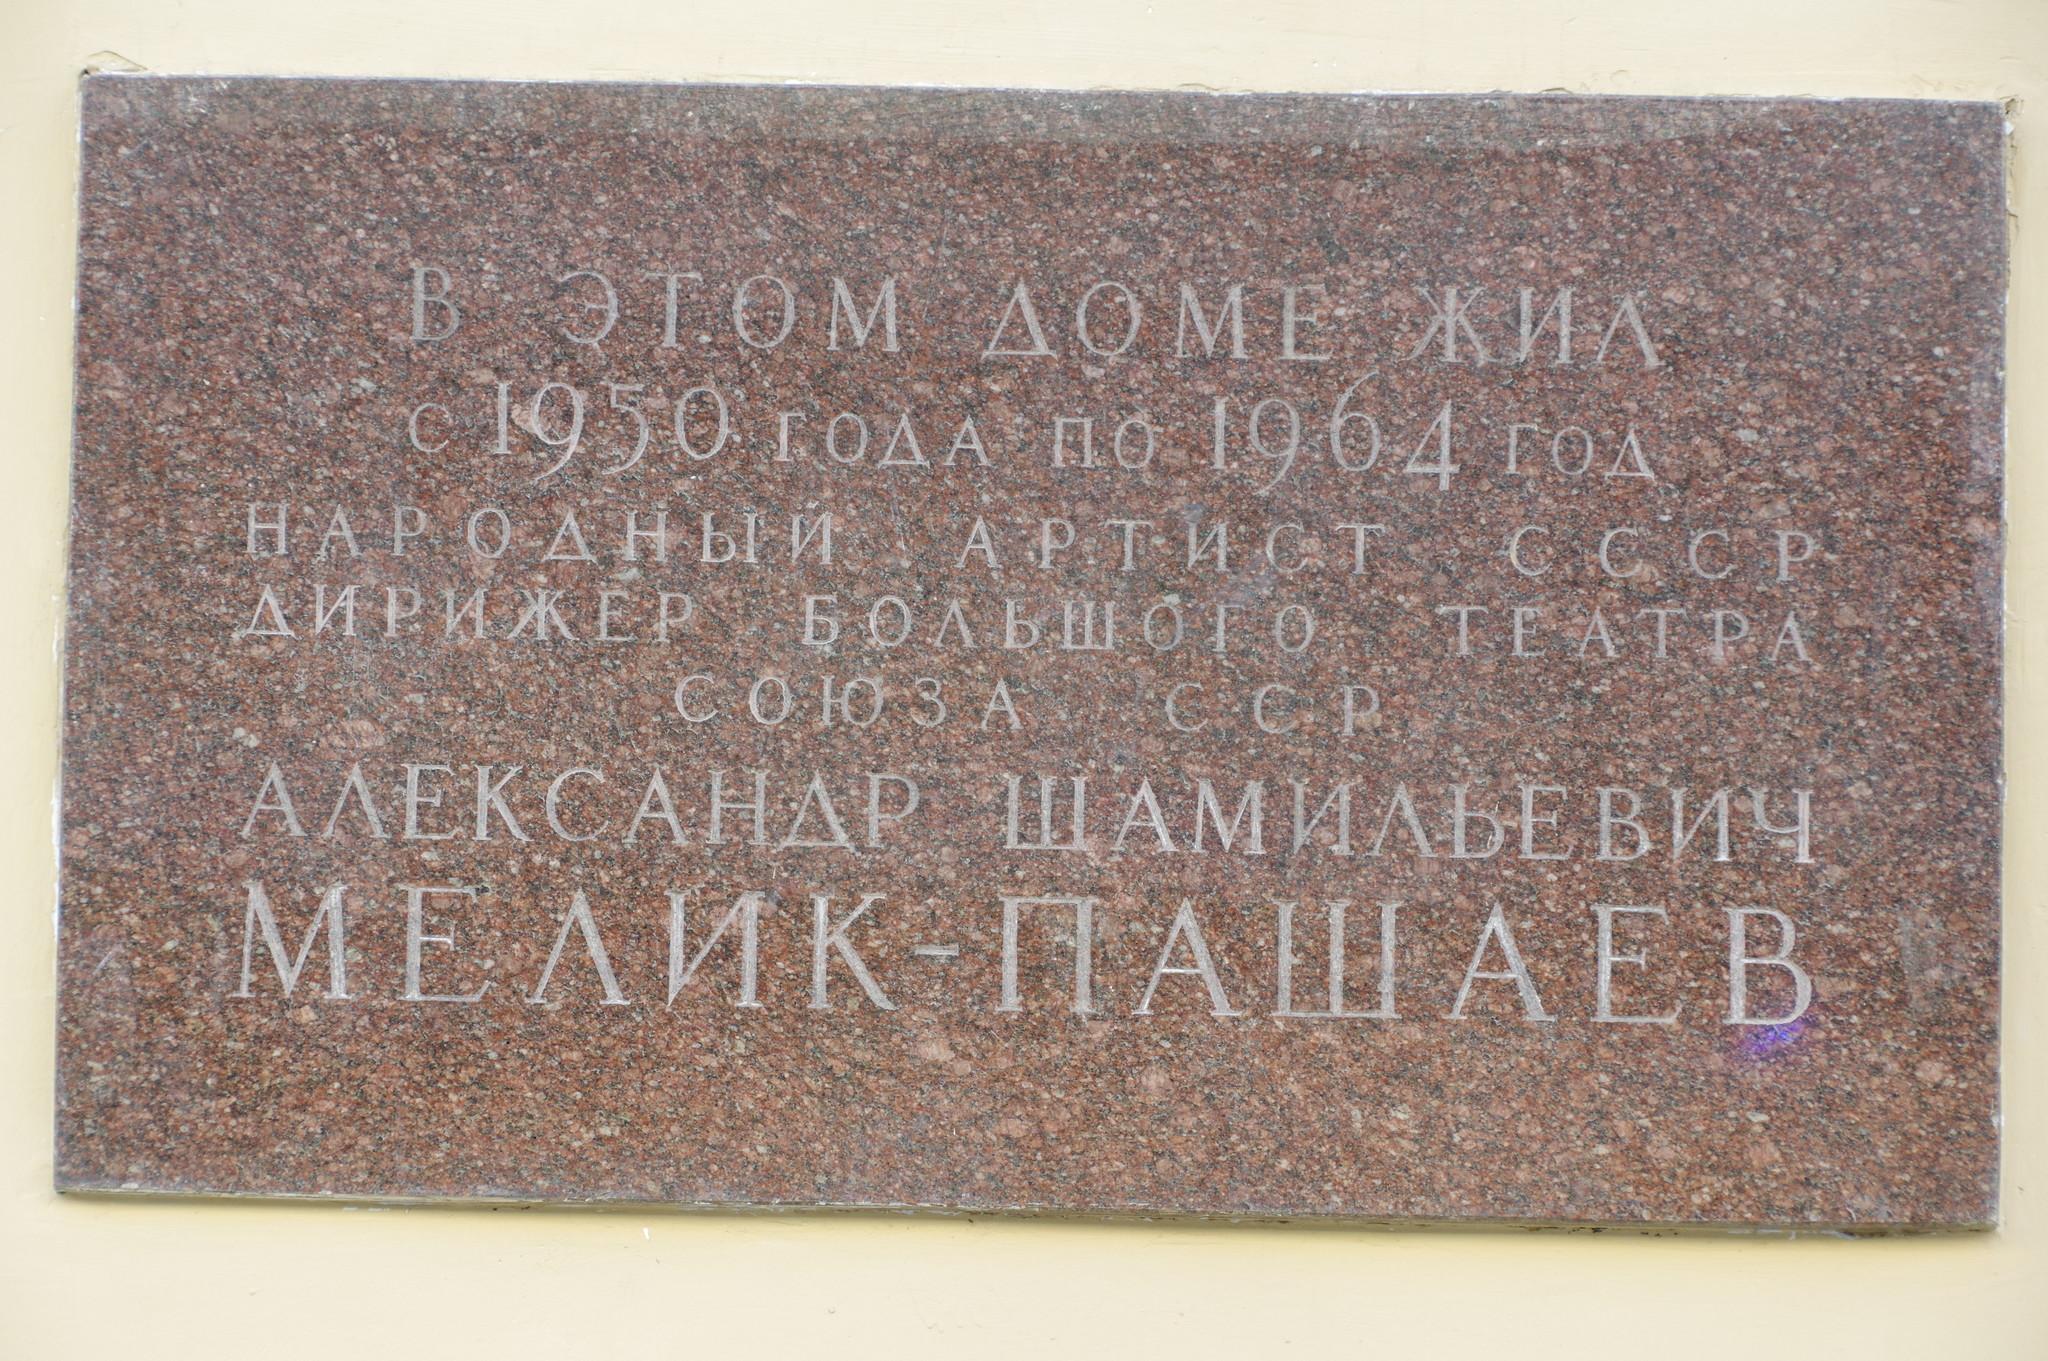 Мемориальная доска на доме в Москве, где с 1950 года по 1964 год жил Народный артист СССР Александр Шамильевич Мелик-Пашаев (Тверская улица, дом 25/9)